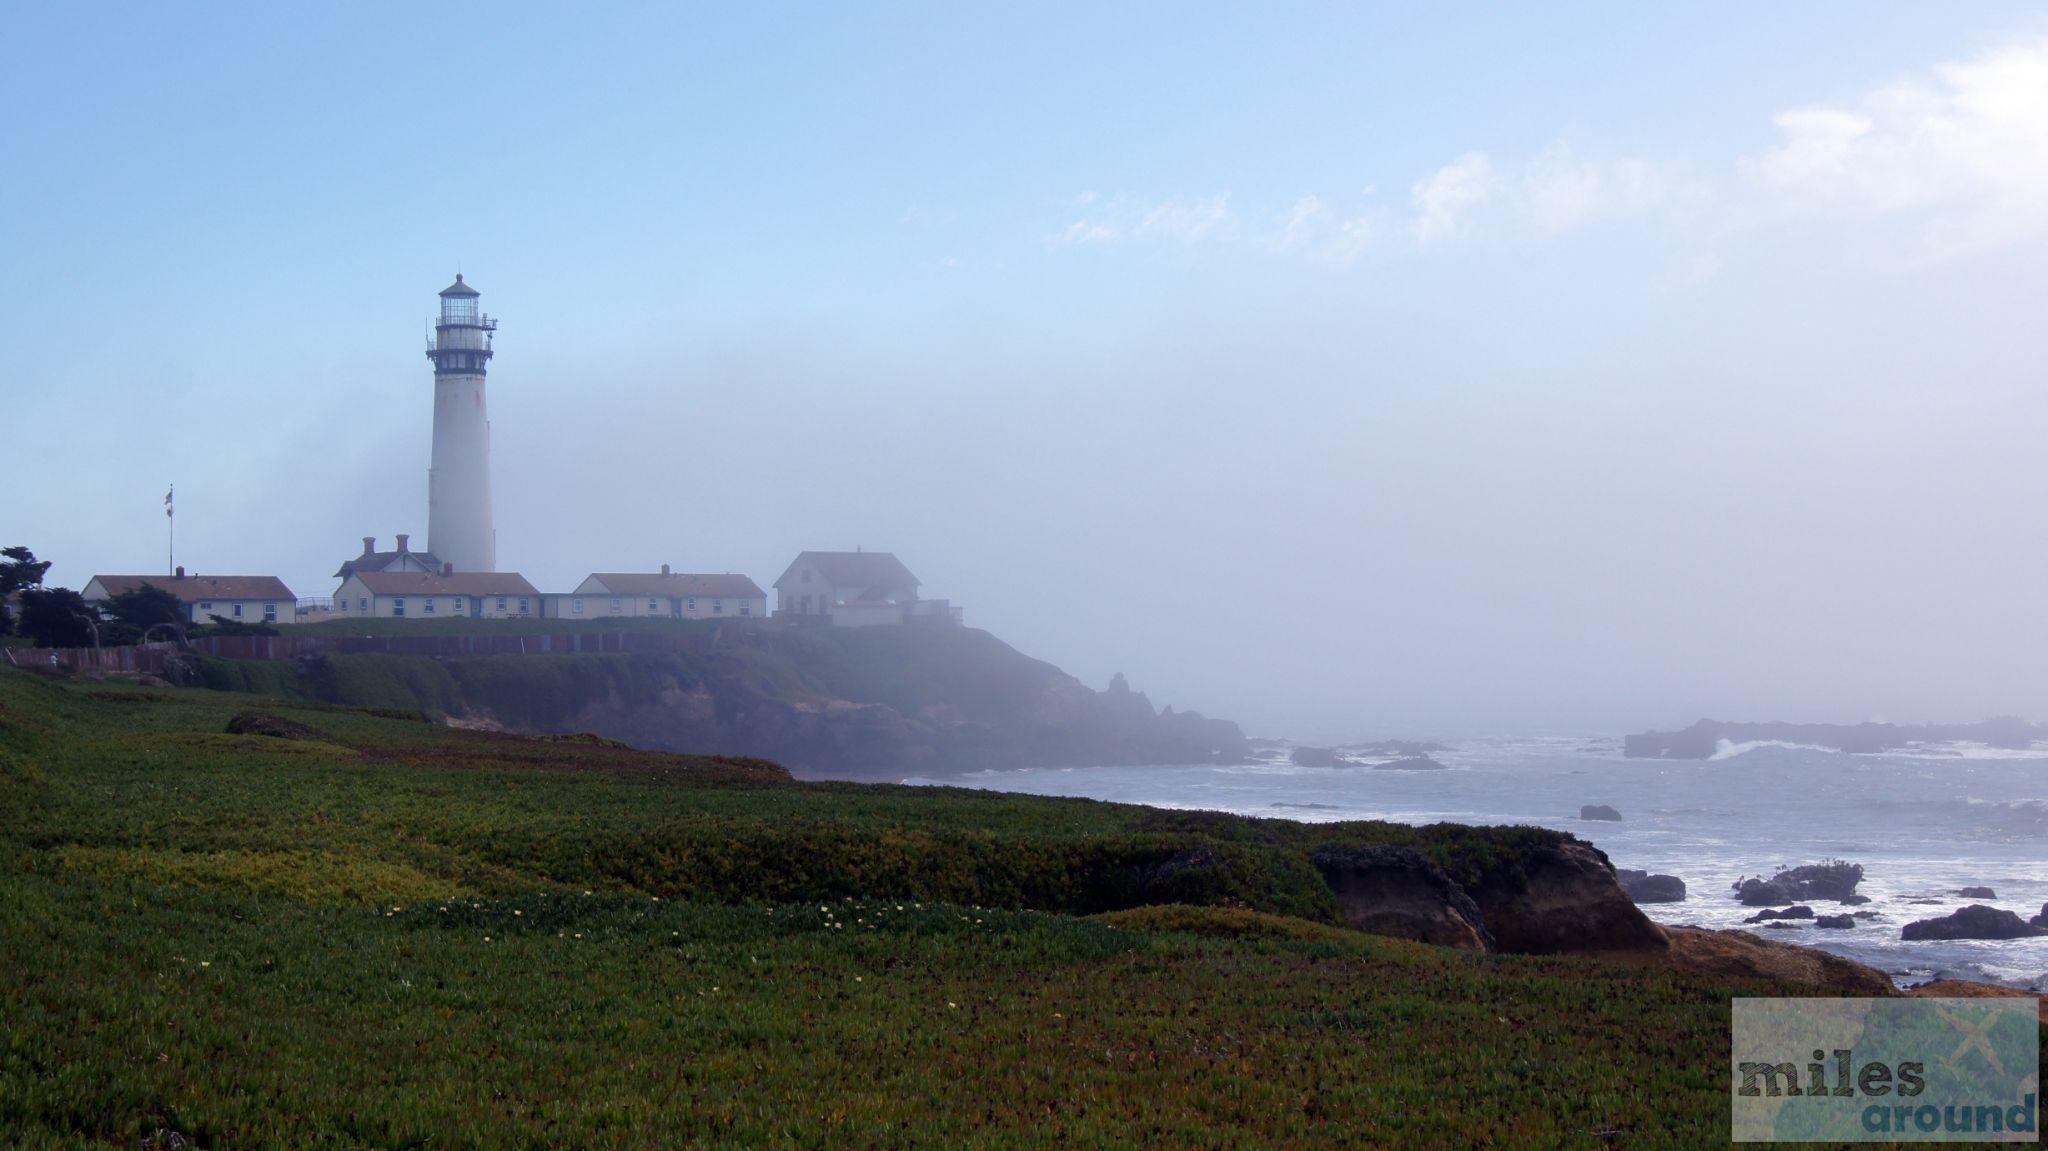 Pigeon Point Light Station - Check more at https://www.miles-around.de/nordamerika/usa/kalifornien/highway-no-1-von-san-francisco-nach-marina/,  #17-Miles-Drive #Carmel #HighwayNo.1 #Hotel #Kalifornien #Nationalpark #Natur #Pazifik #Reisebericht #SanFrancisco #USA